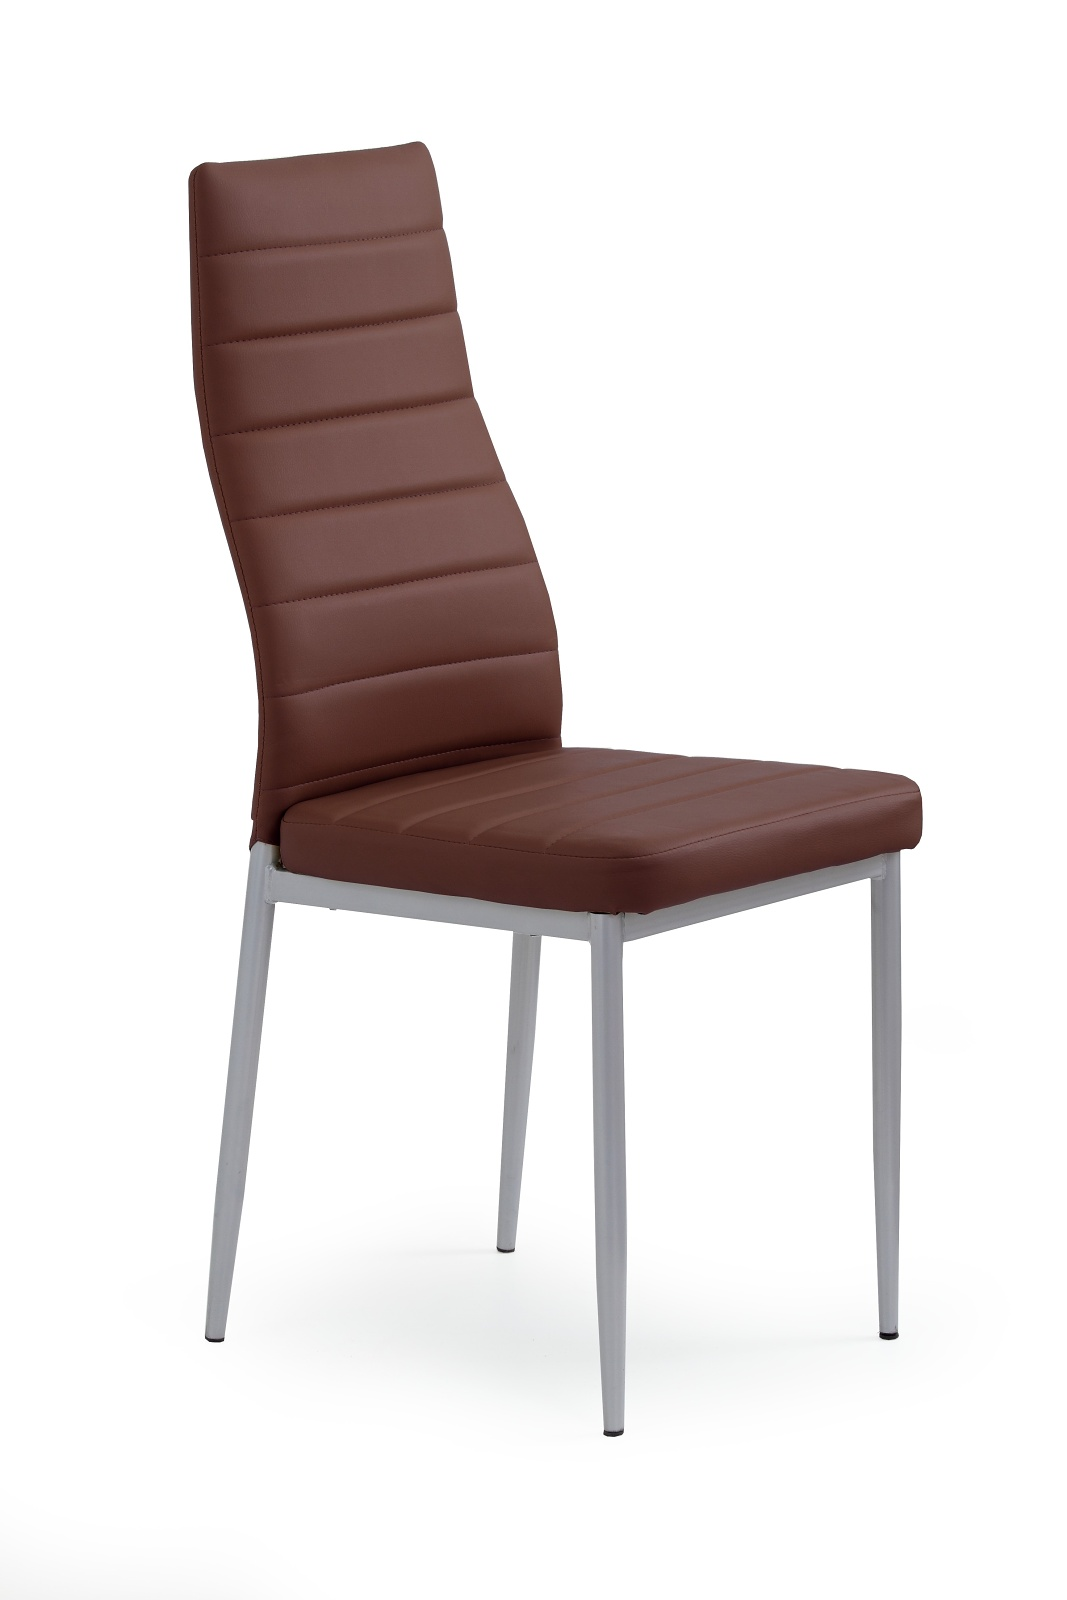 Jedálenská stolička - Halmar - K70 tmavohnedá